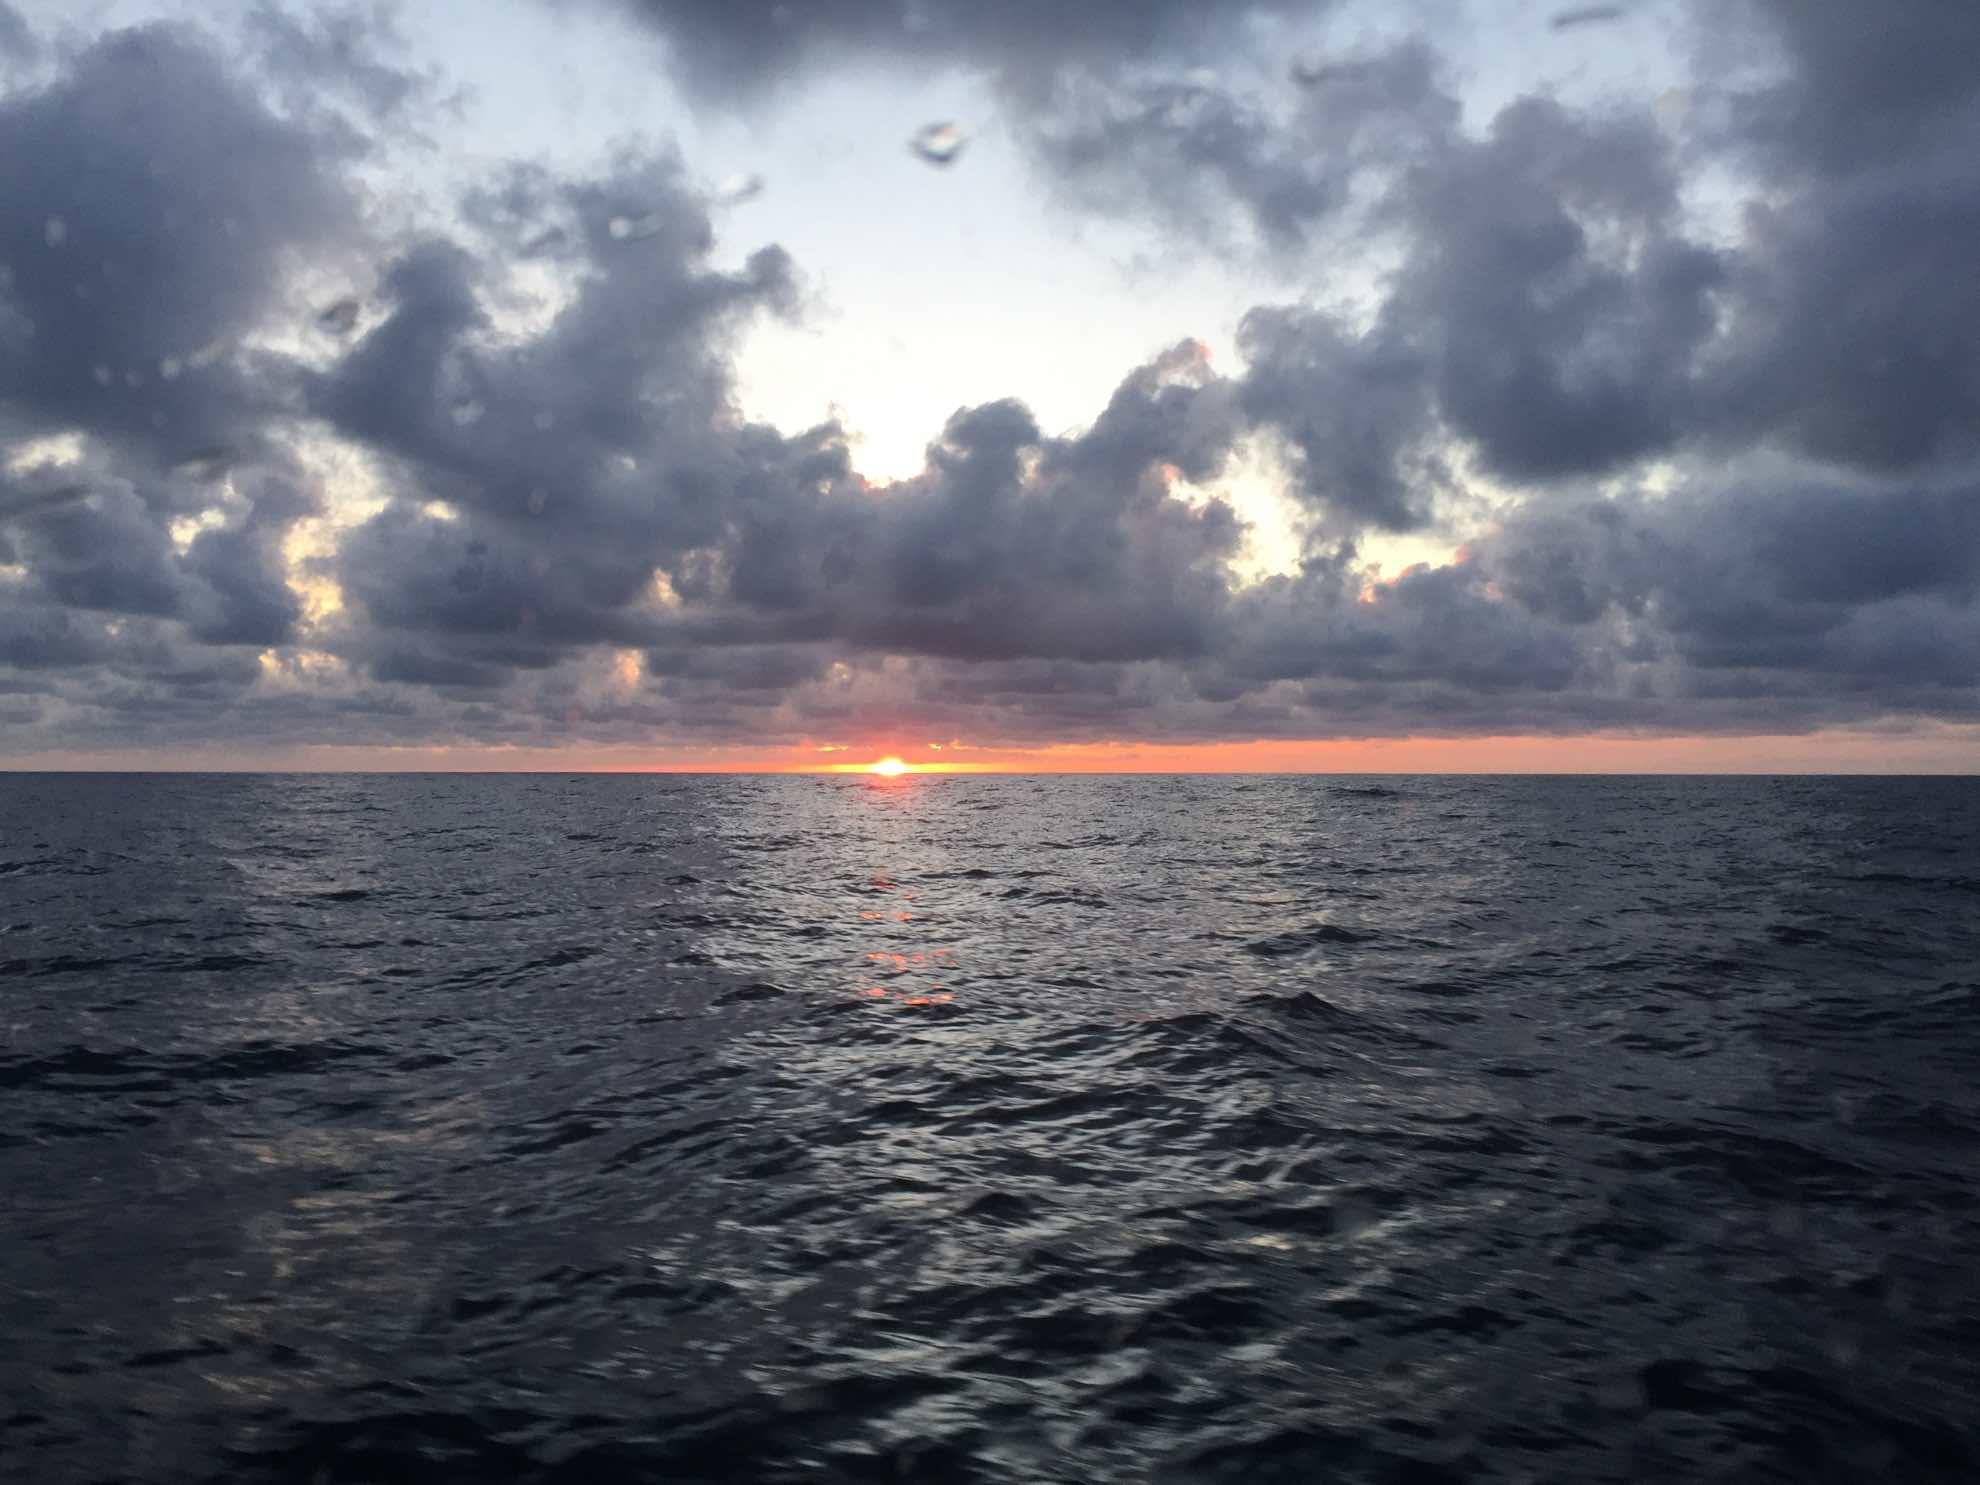 Die erste Nacht auf See liegt vor uns.